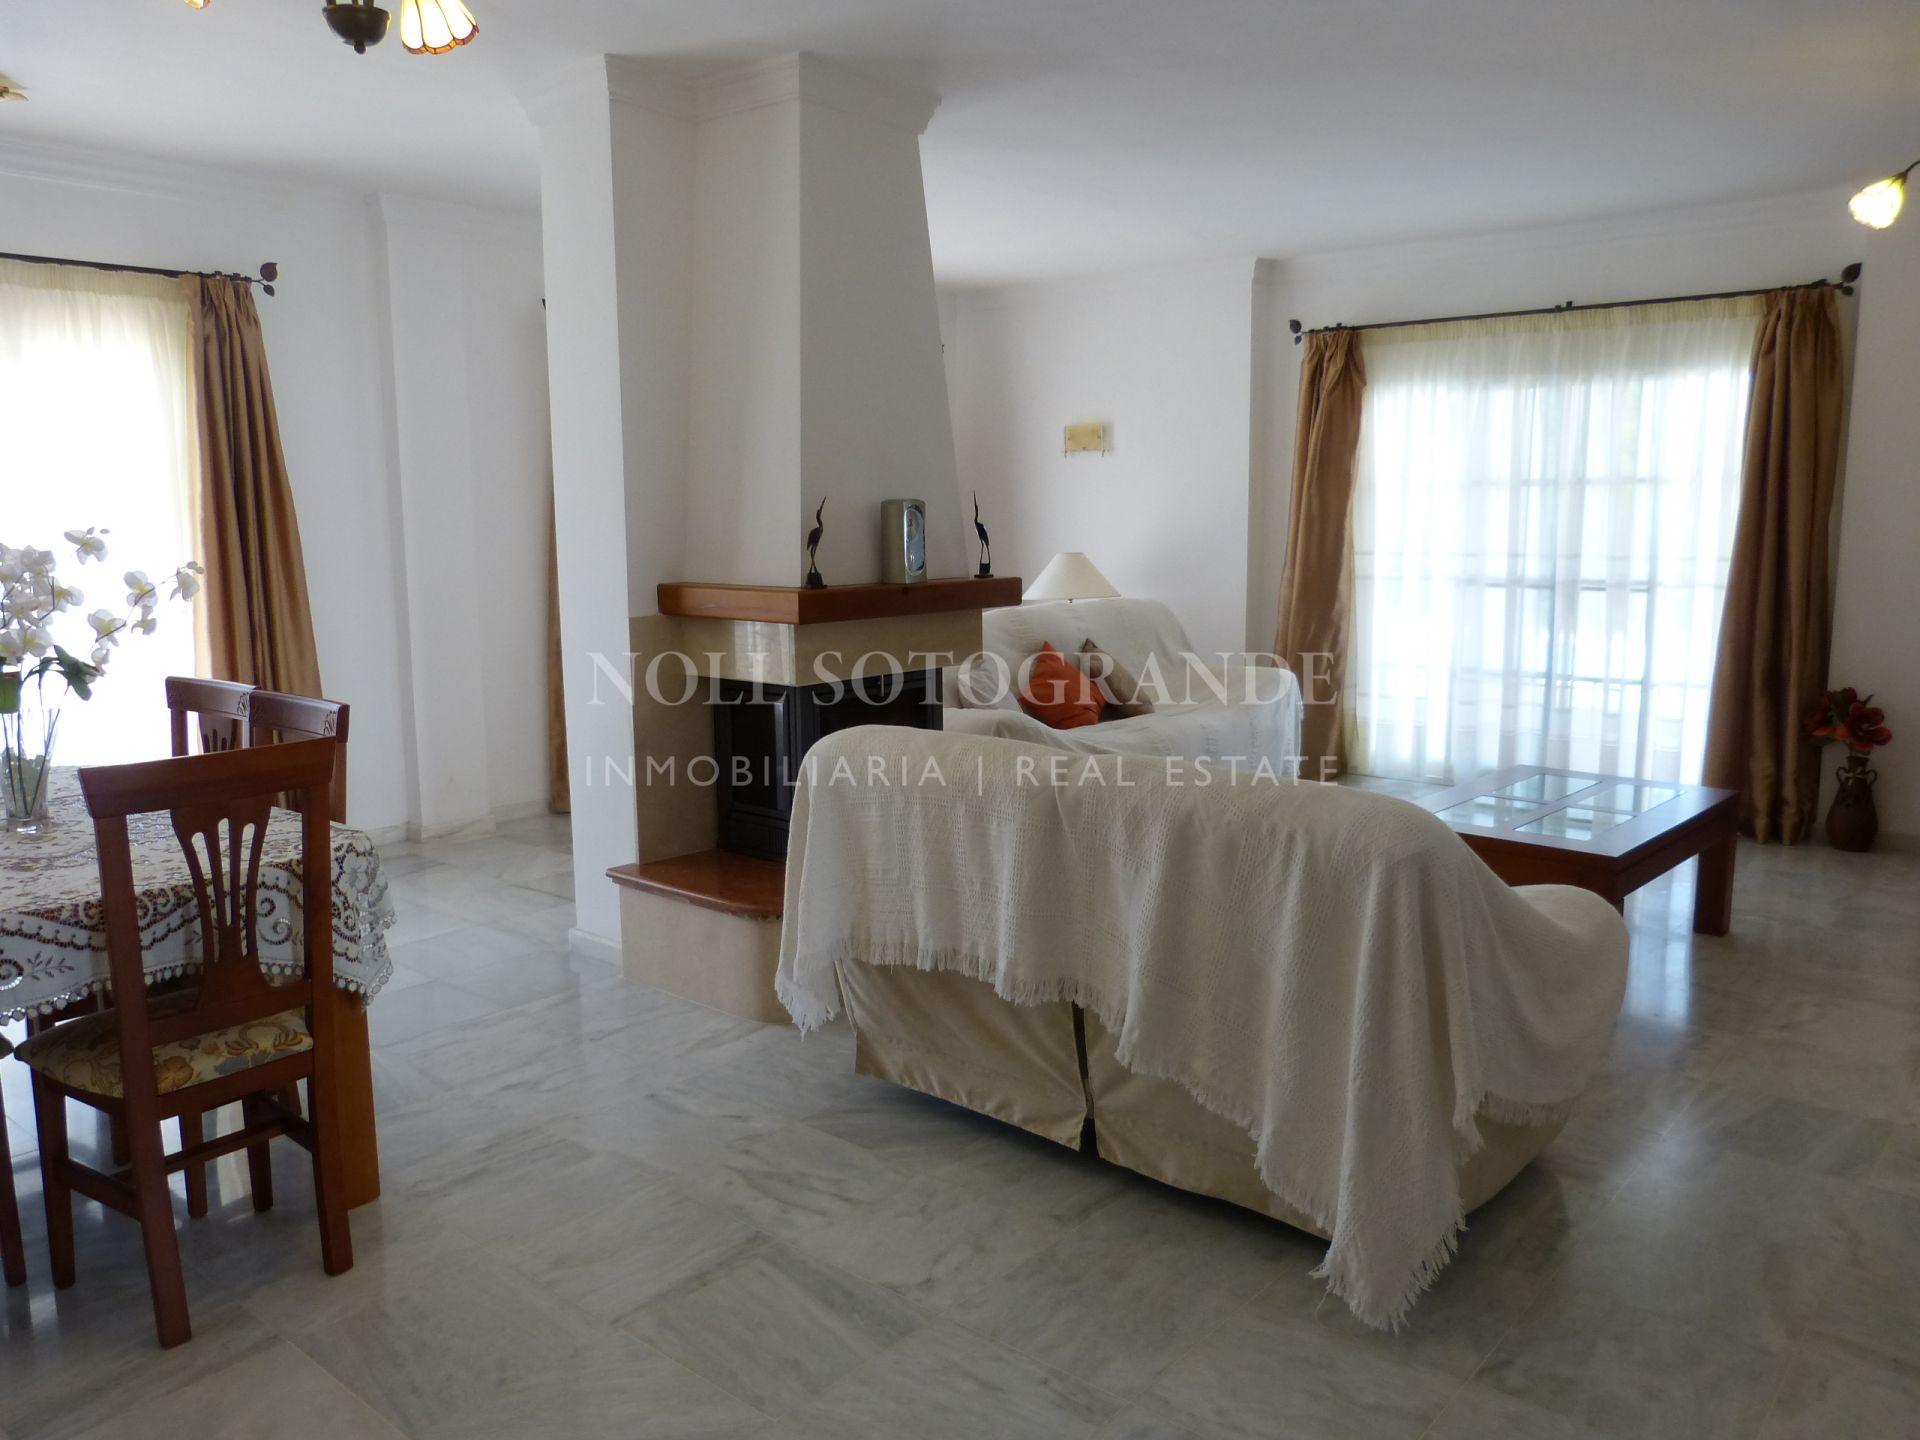 Villa tradicional en venta Sotogrande Costa Central